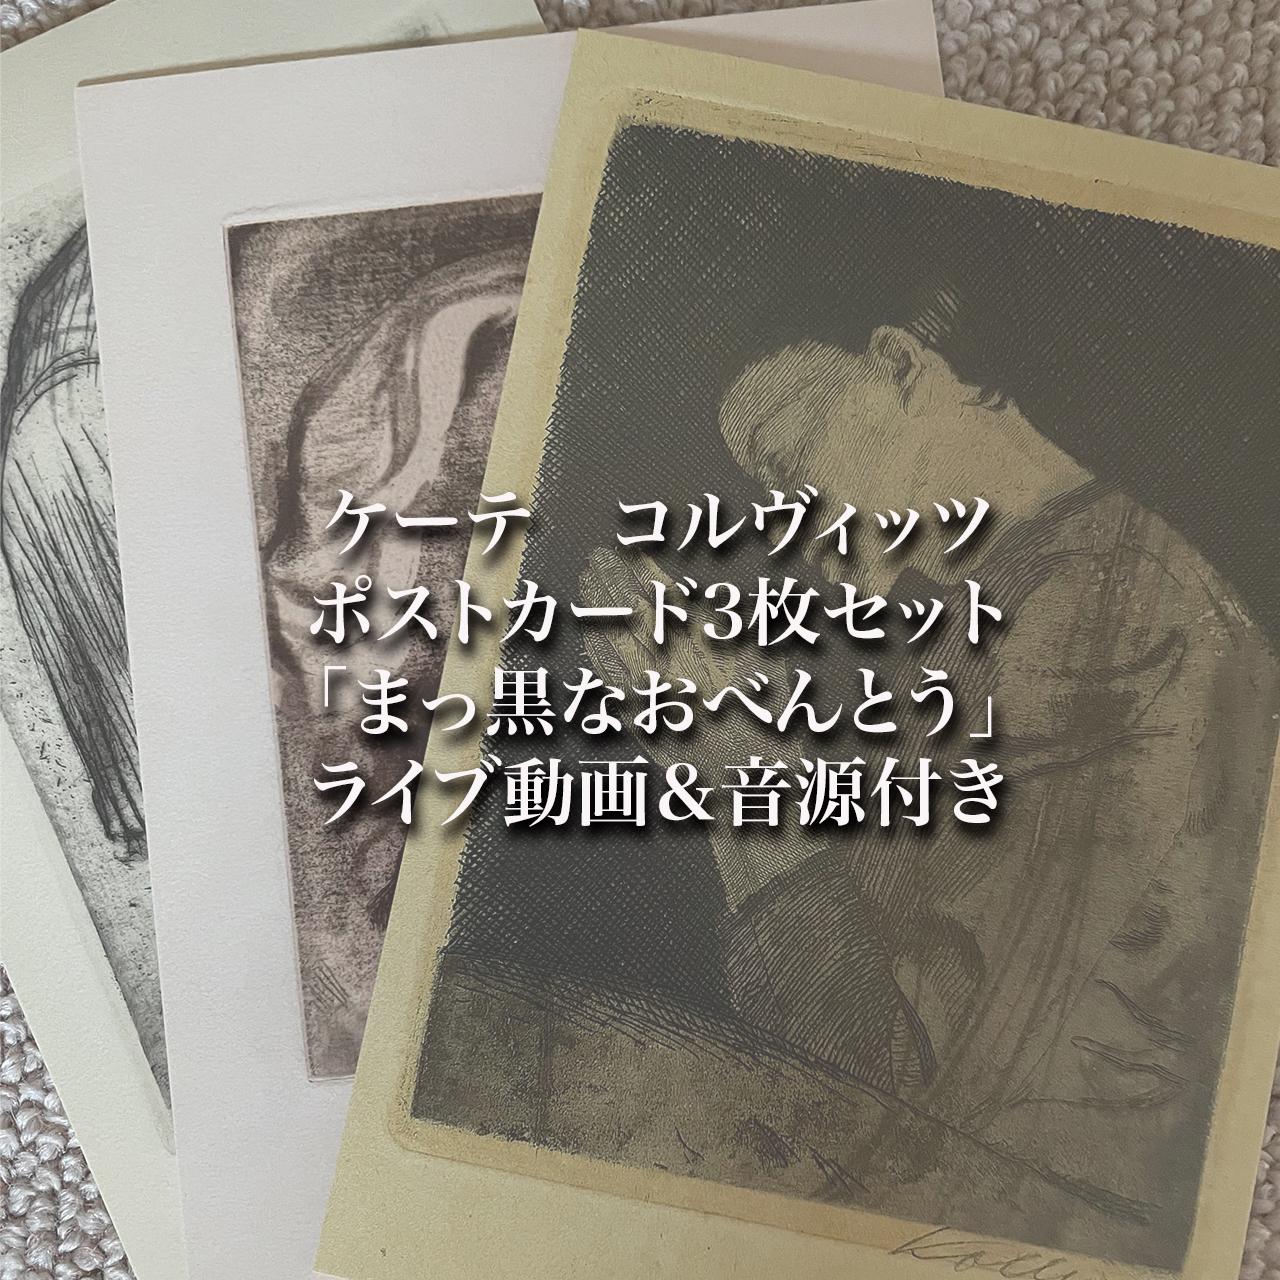 「まっ黒なおべんとう」ライブ動画&音源